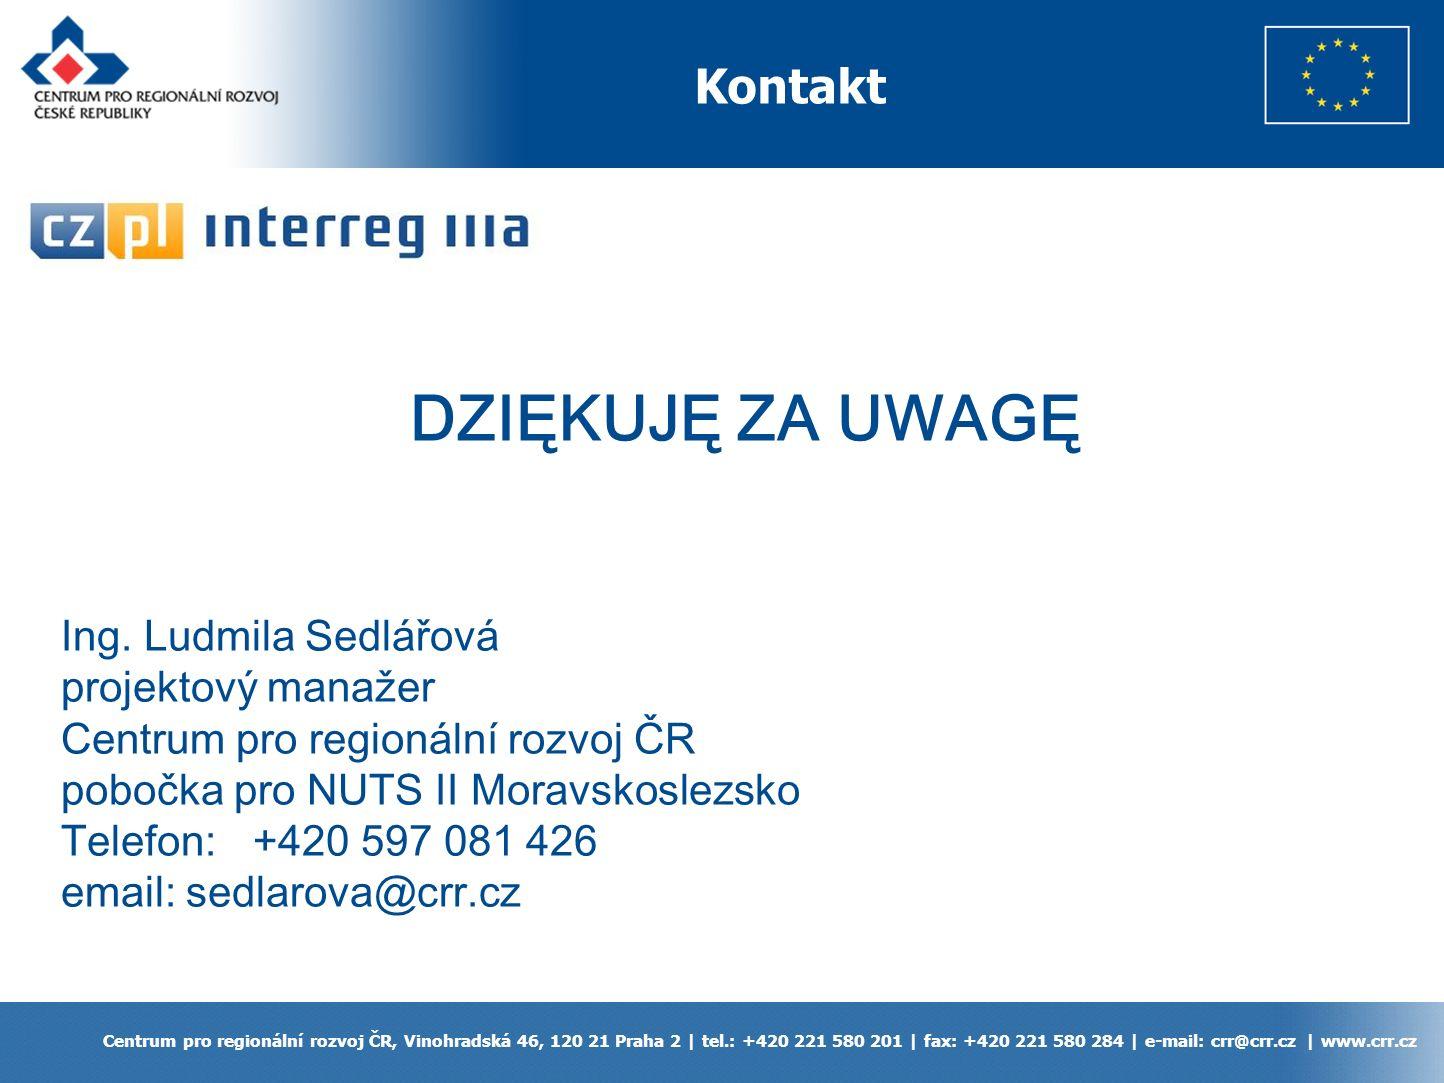 Kontakt Centrum pro regionální rozvoj ČR, Vinohradská 46, 120 21 Praha 2 | tel.: +420 221 580 201 | fax: +420 221 580 284 | e-mail: crr@crr.cz | www.crr.cz DZIĘKUJĘ ZA UWAGĘ Ing.